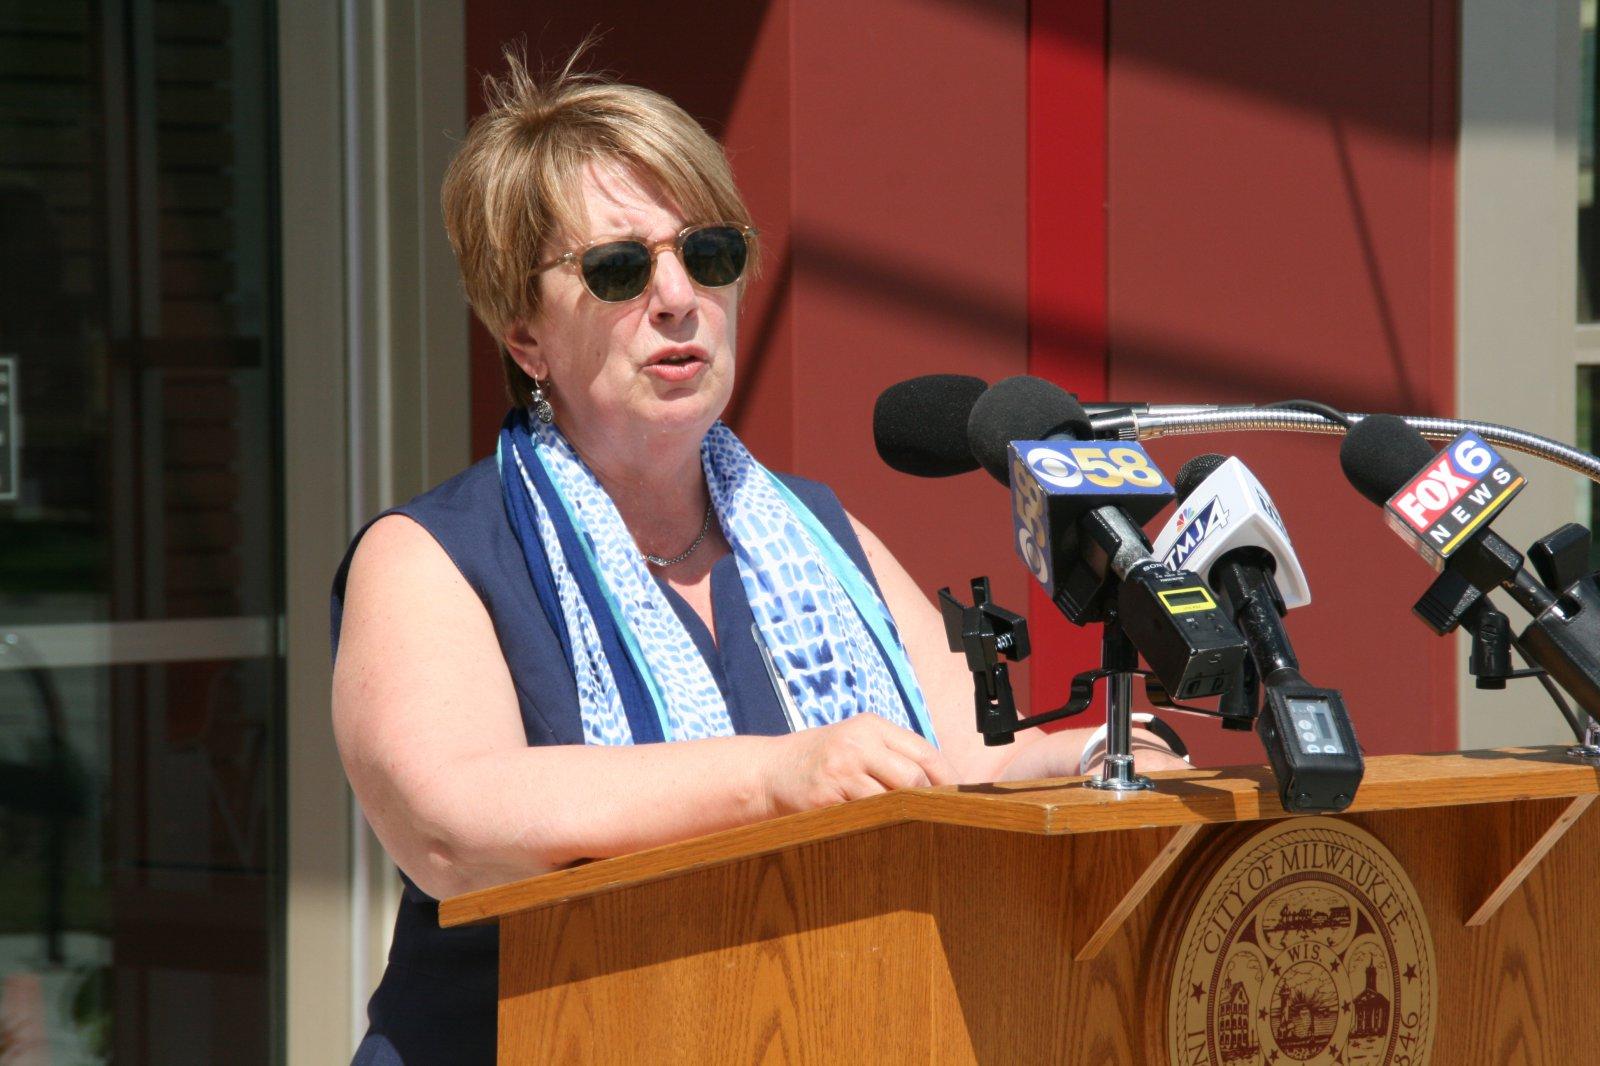 Paula Kiely